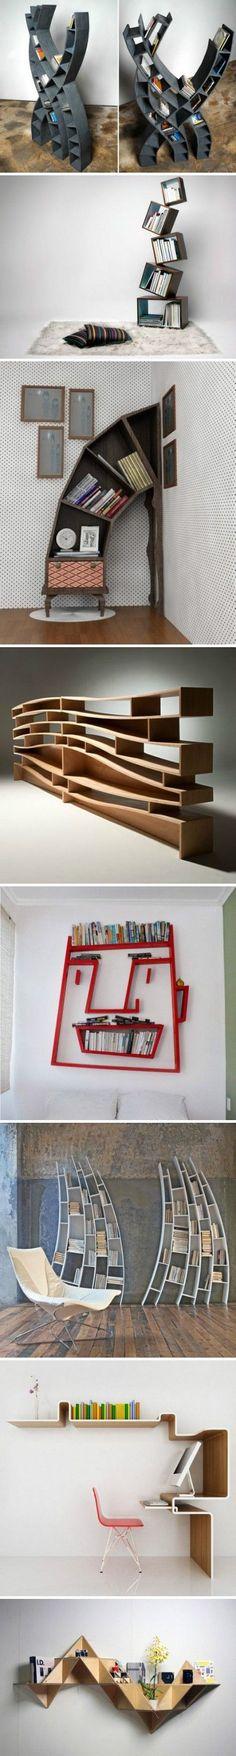 DIY Shelves Trendy Ideas : Best DIY-Decor Projects: Unique DIY Book Shelves